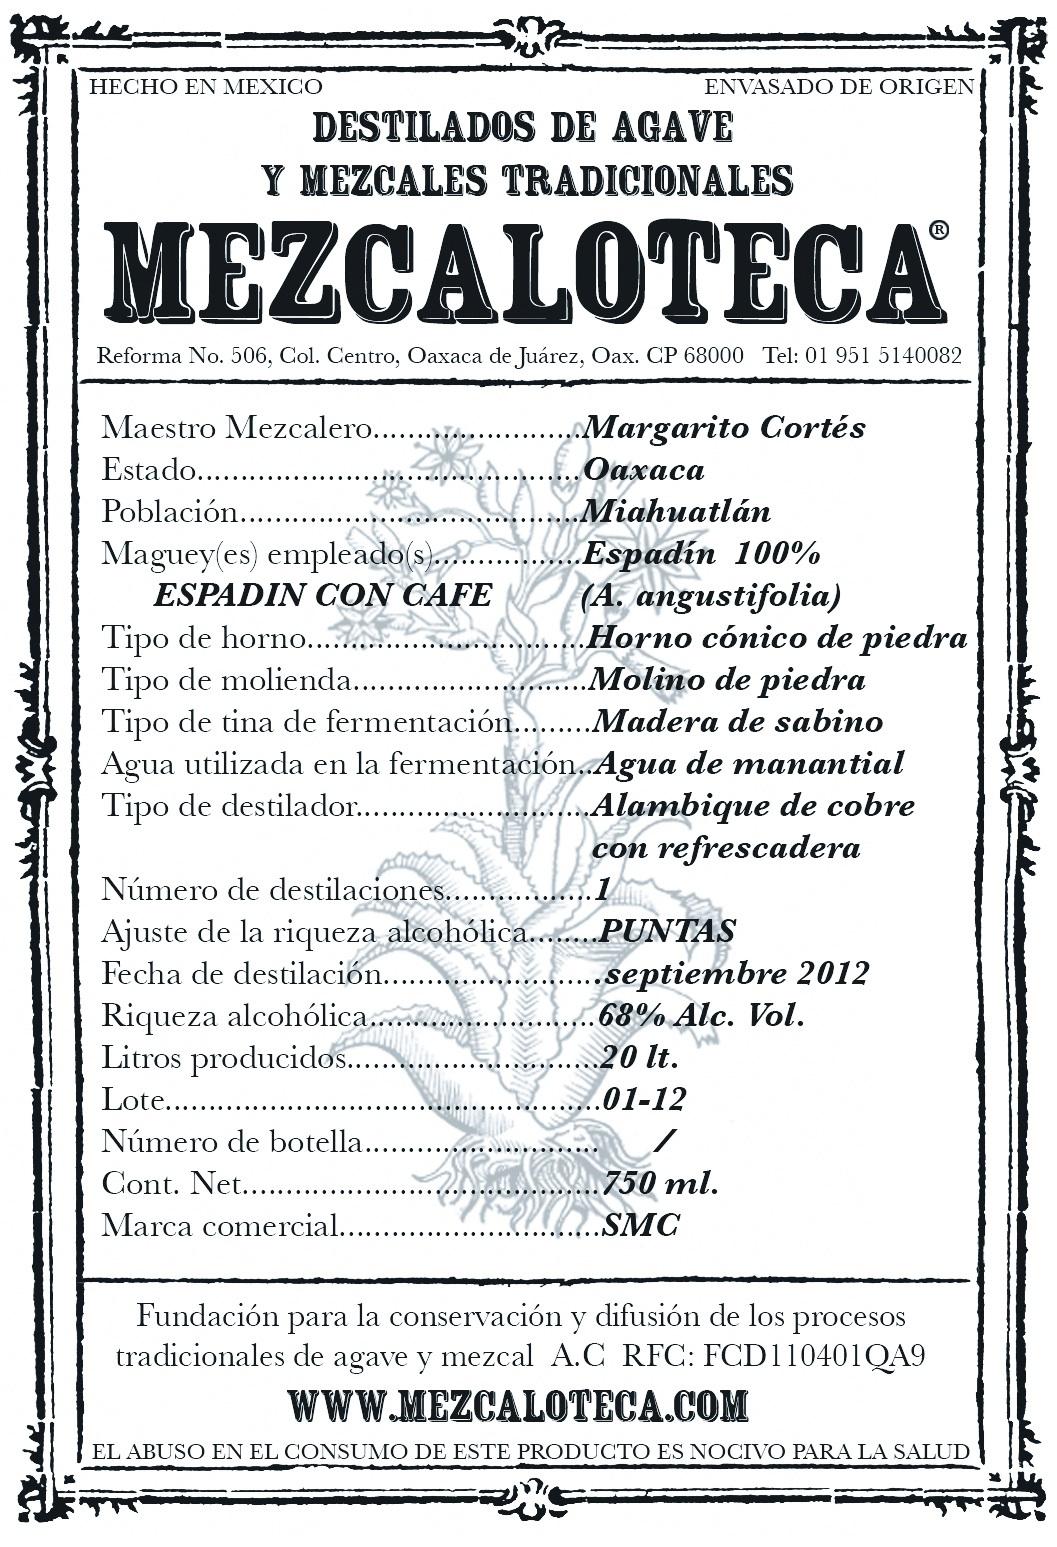 Puntas.epadin.cafe.MC.750.2012[1] web.jpg